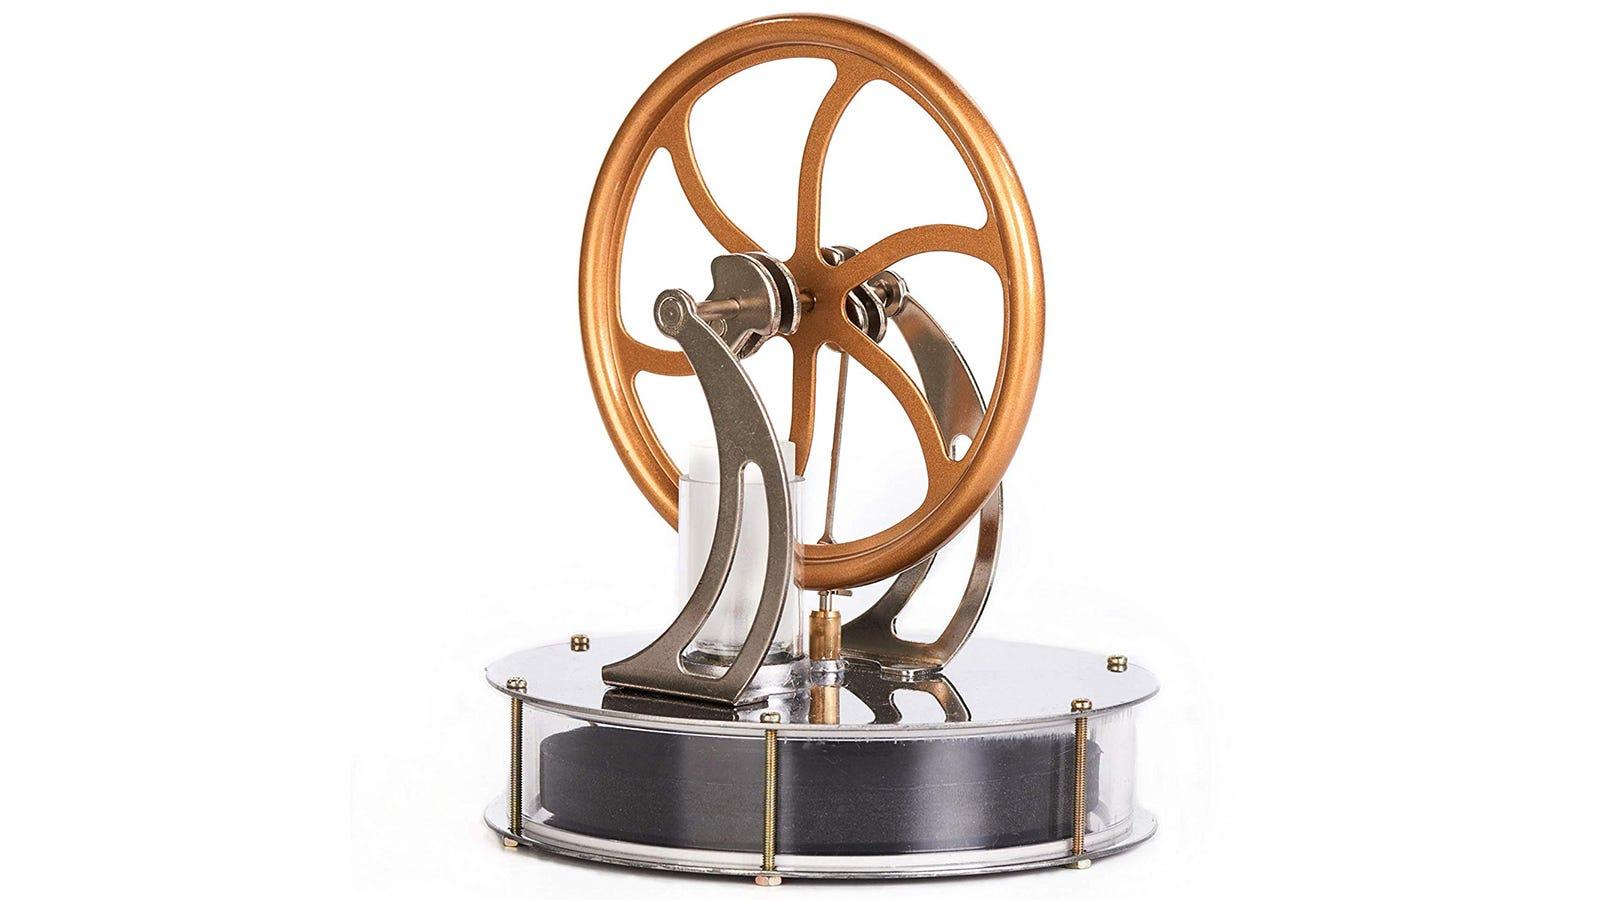 Sunnytech Stirling Steam Motor